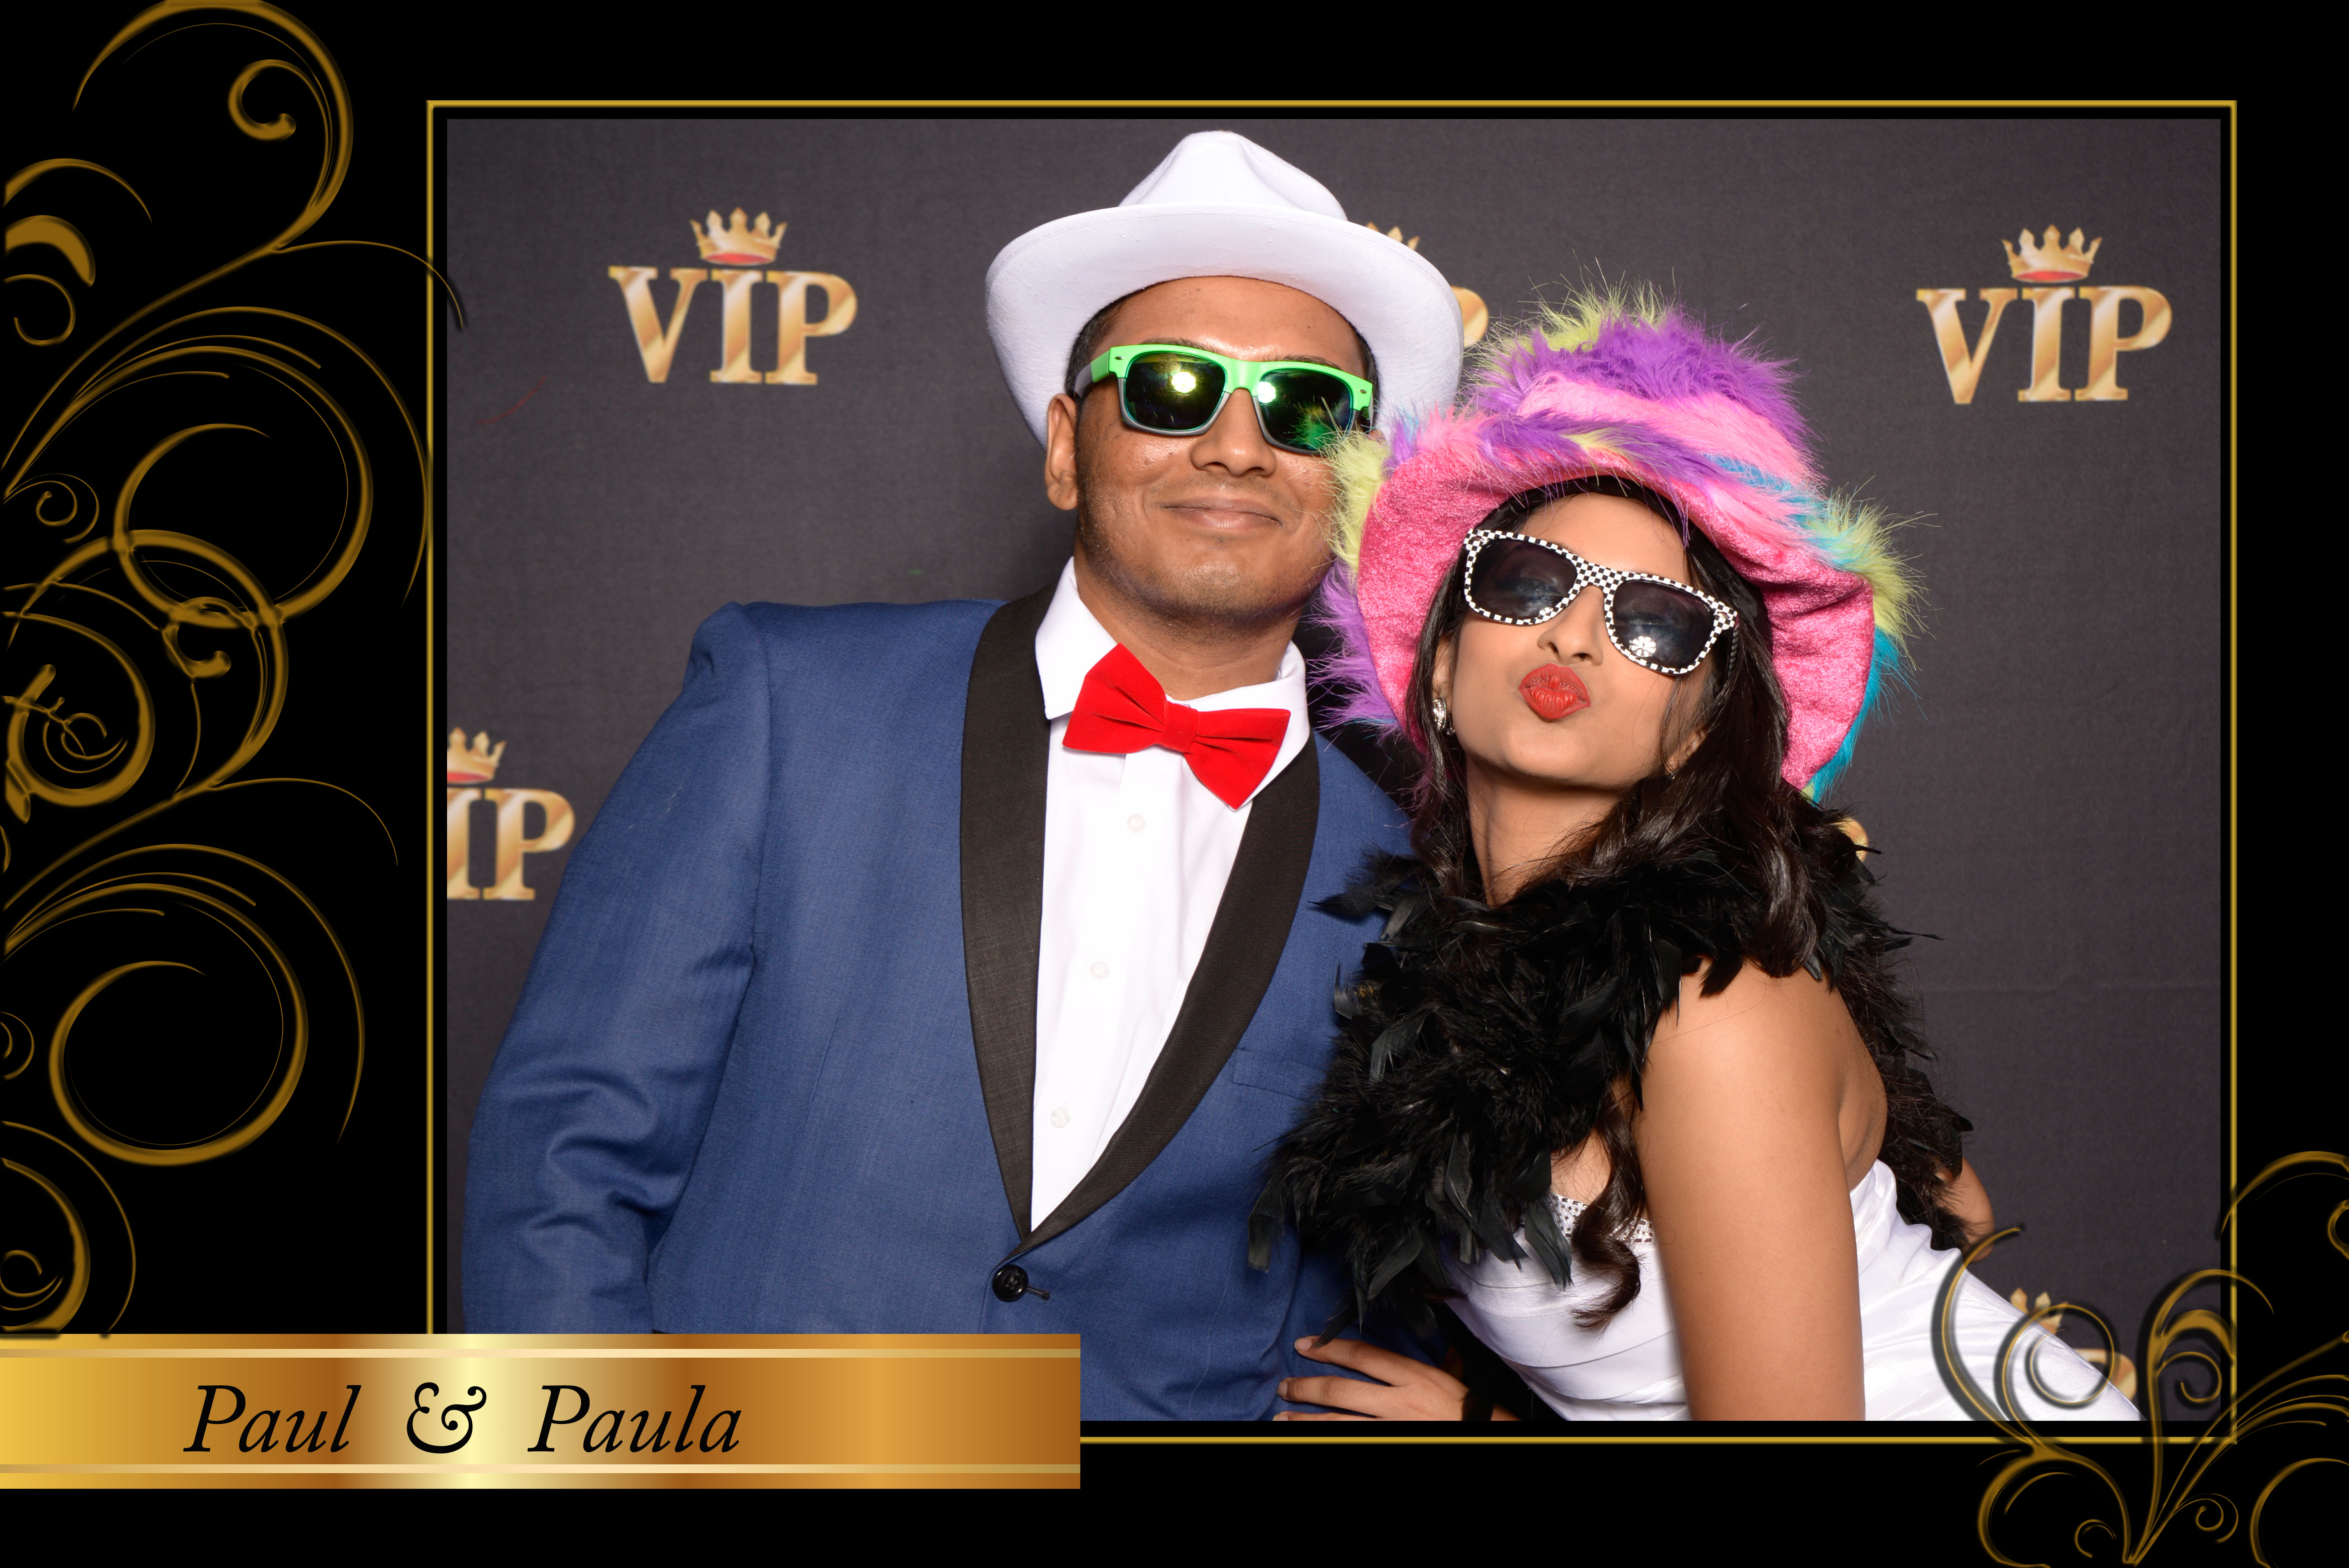 Very VIP